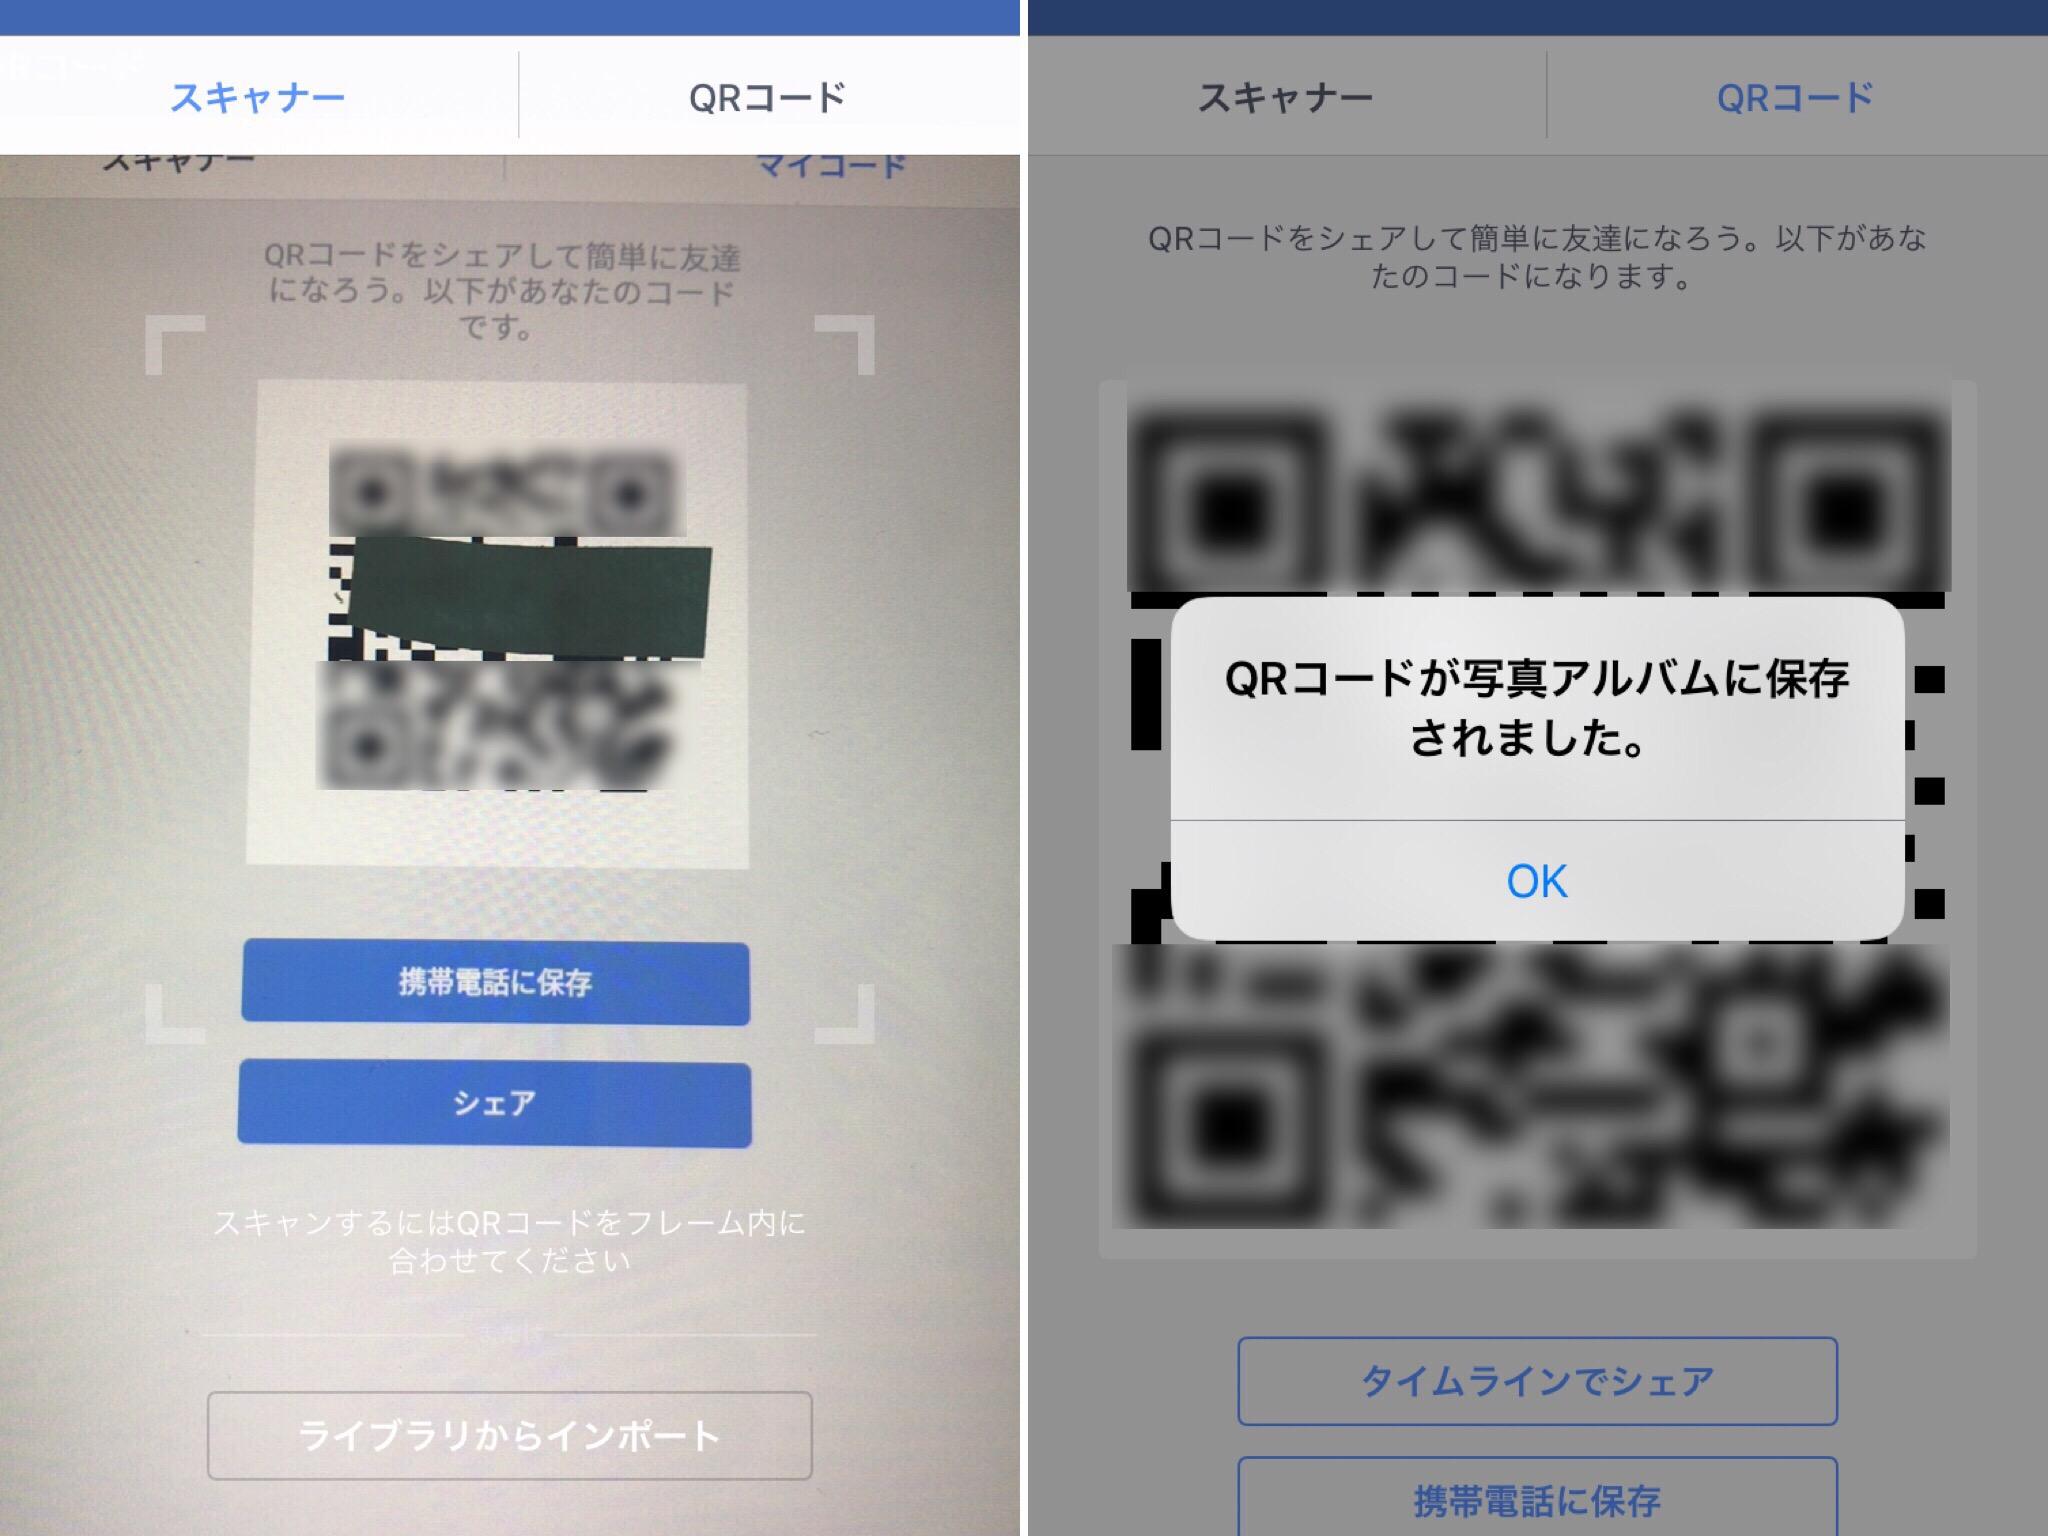 FacebookアプリのQRコードスキャナーとコード画面